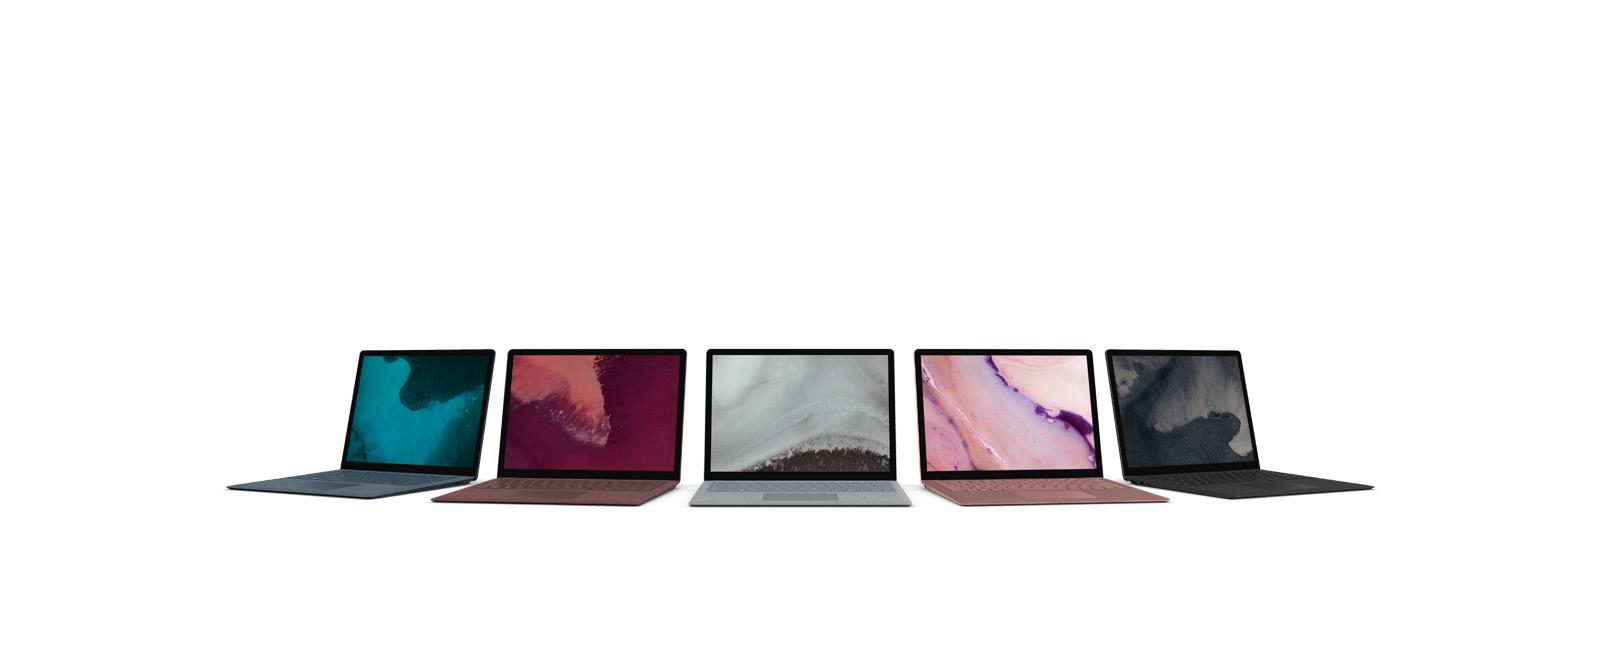 全部颜色的 Surface Laptop 2